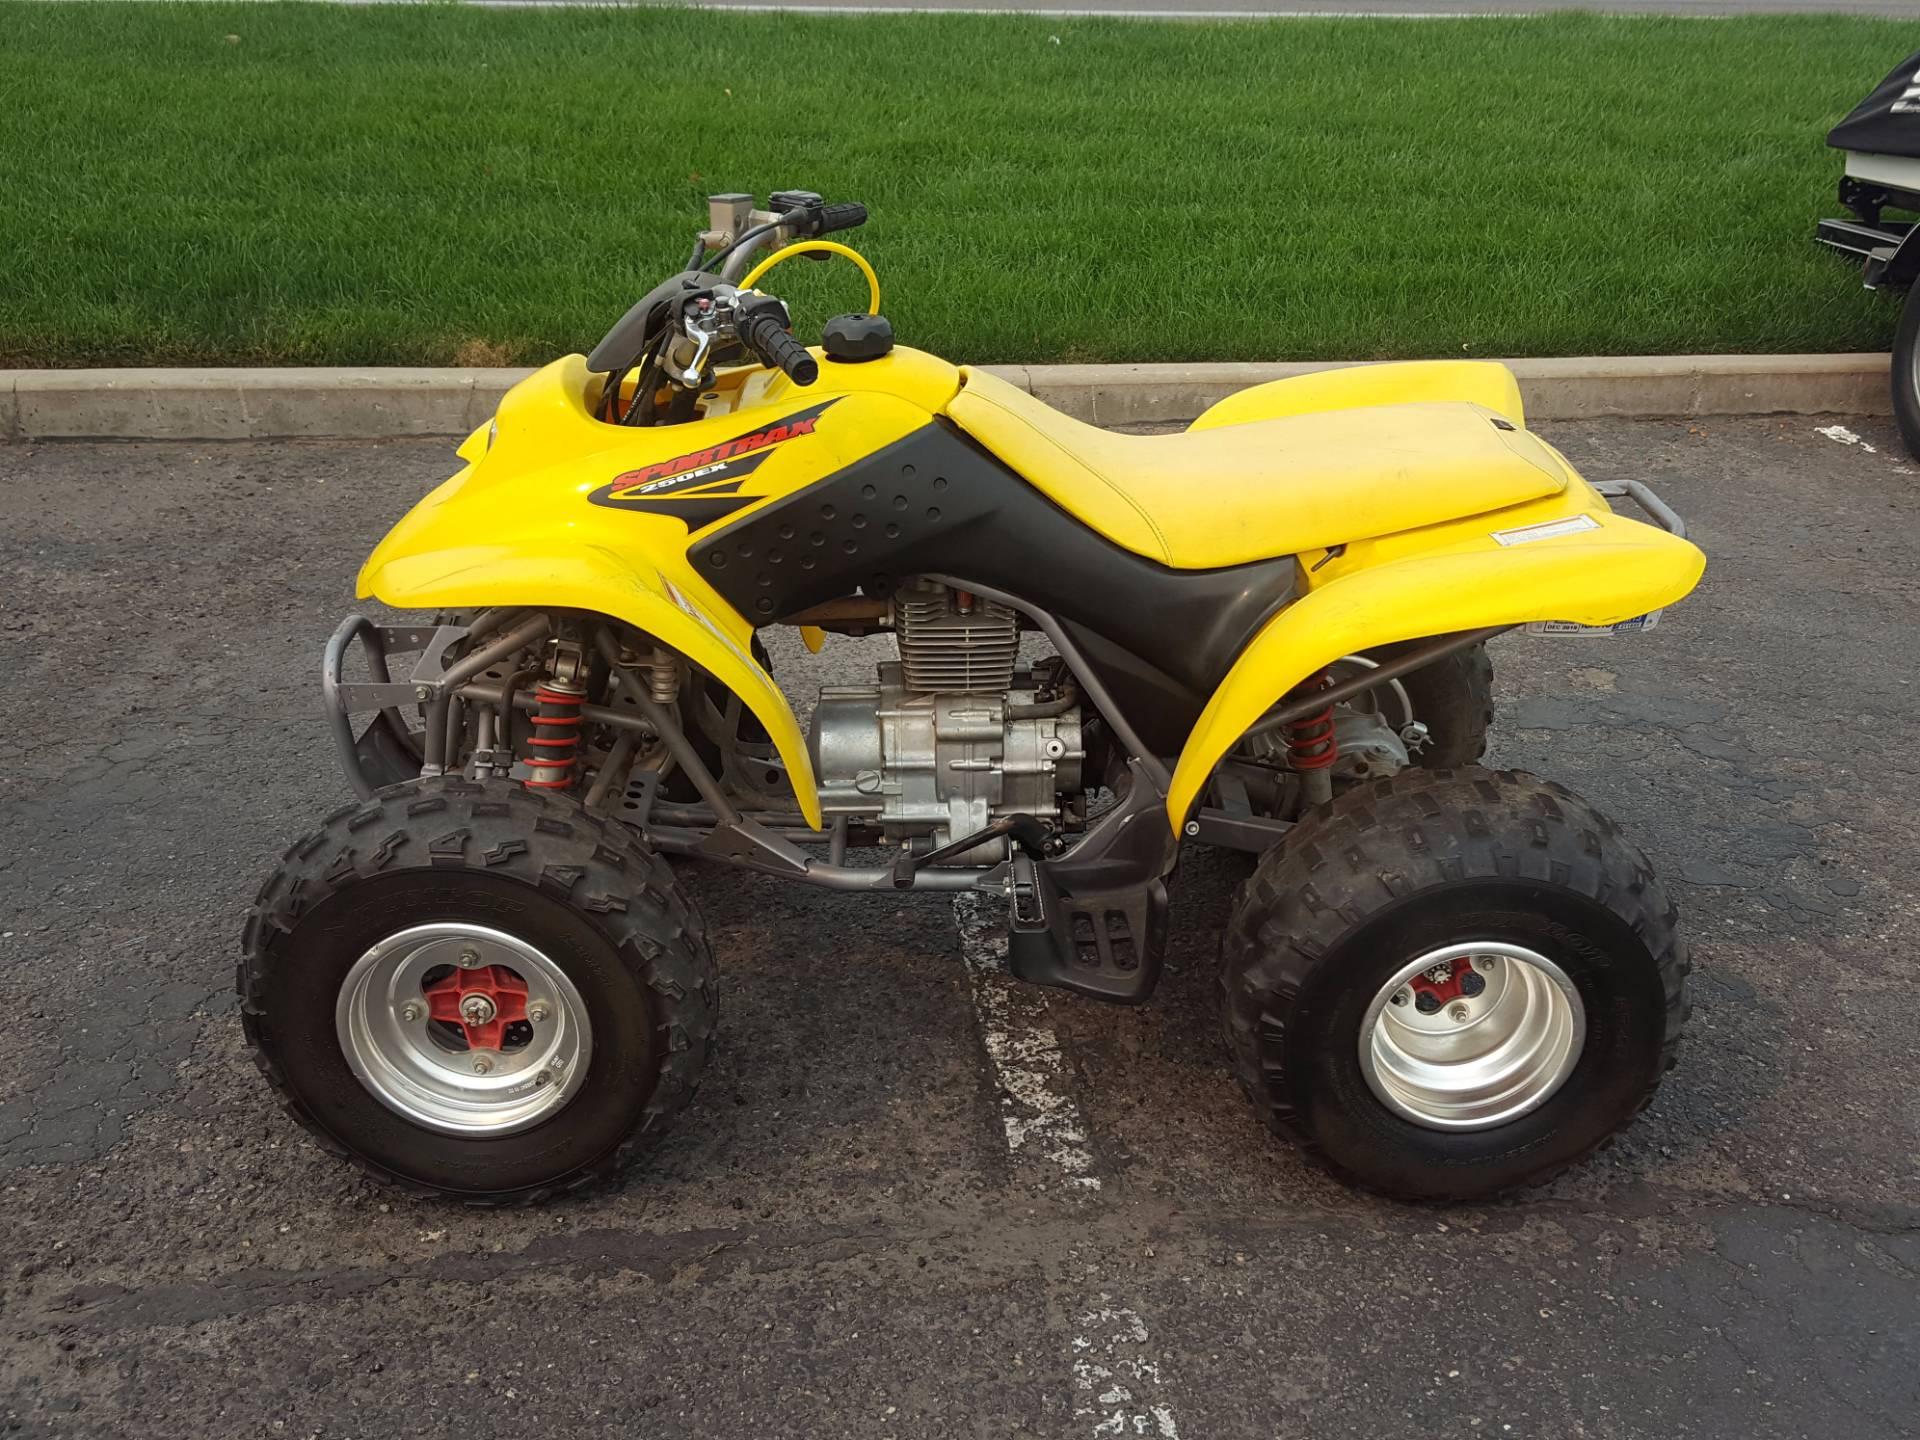 2003 Sportrax 250EX